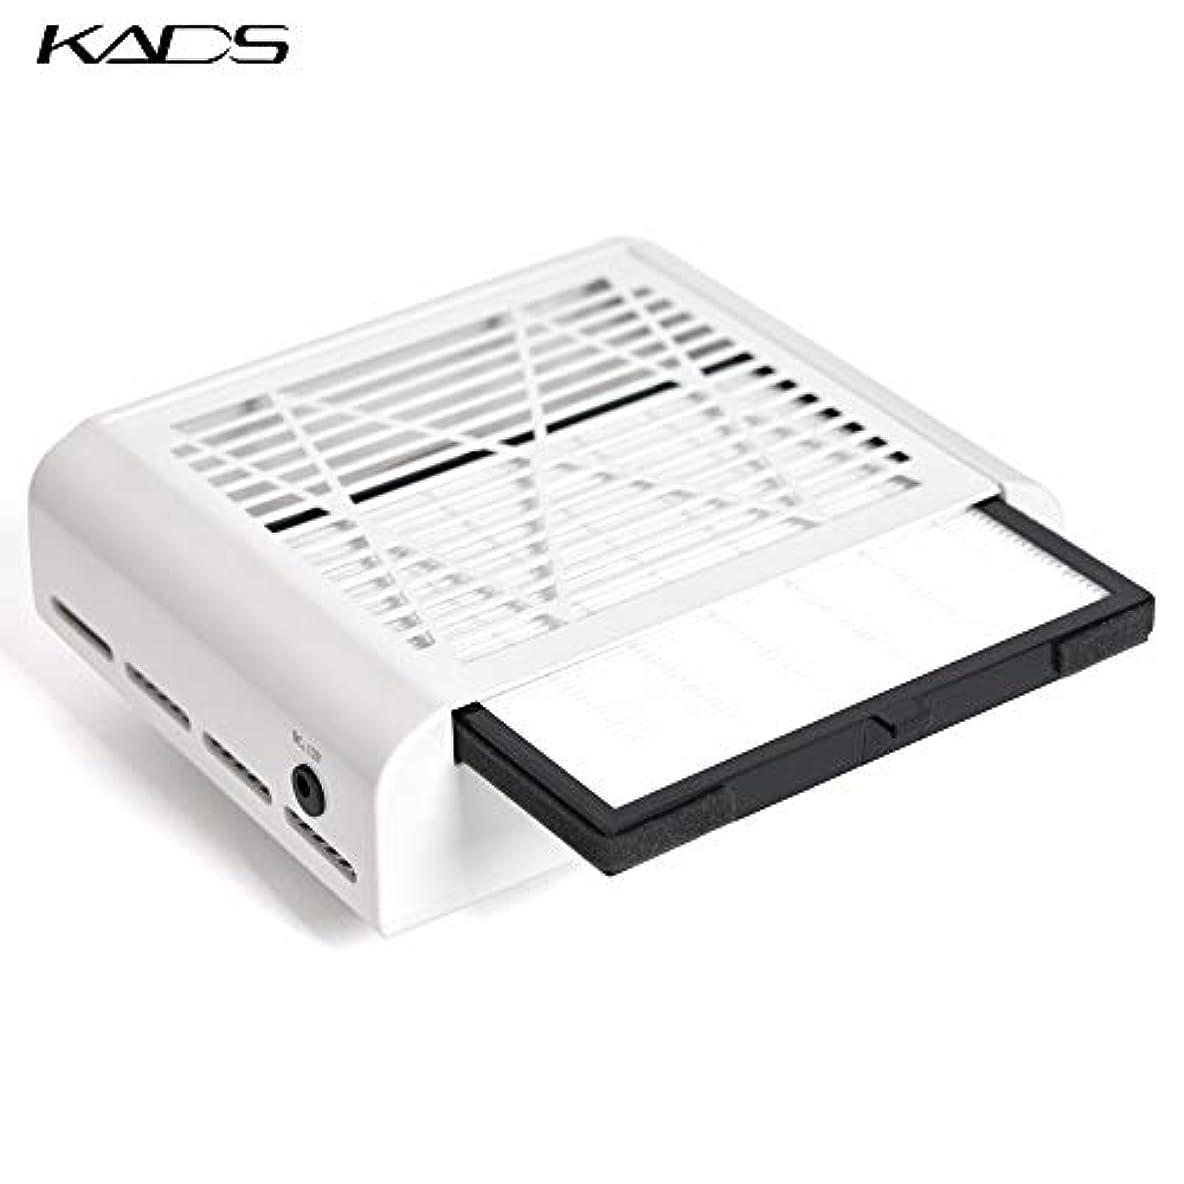 心理的に所属レイアウトKADS ネイルダスト集塵機 ネイルダストコレクター サロンサクションダストコレクター ネイルダストクリーナー ジェルネイル機器 ネイルケア用